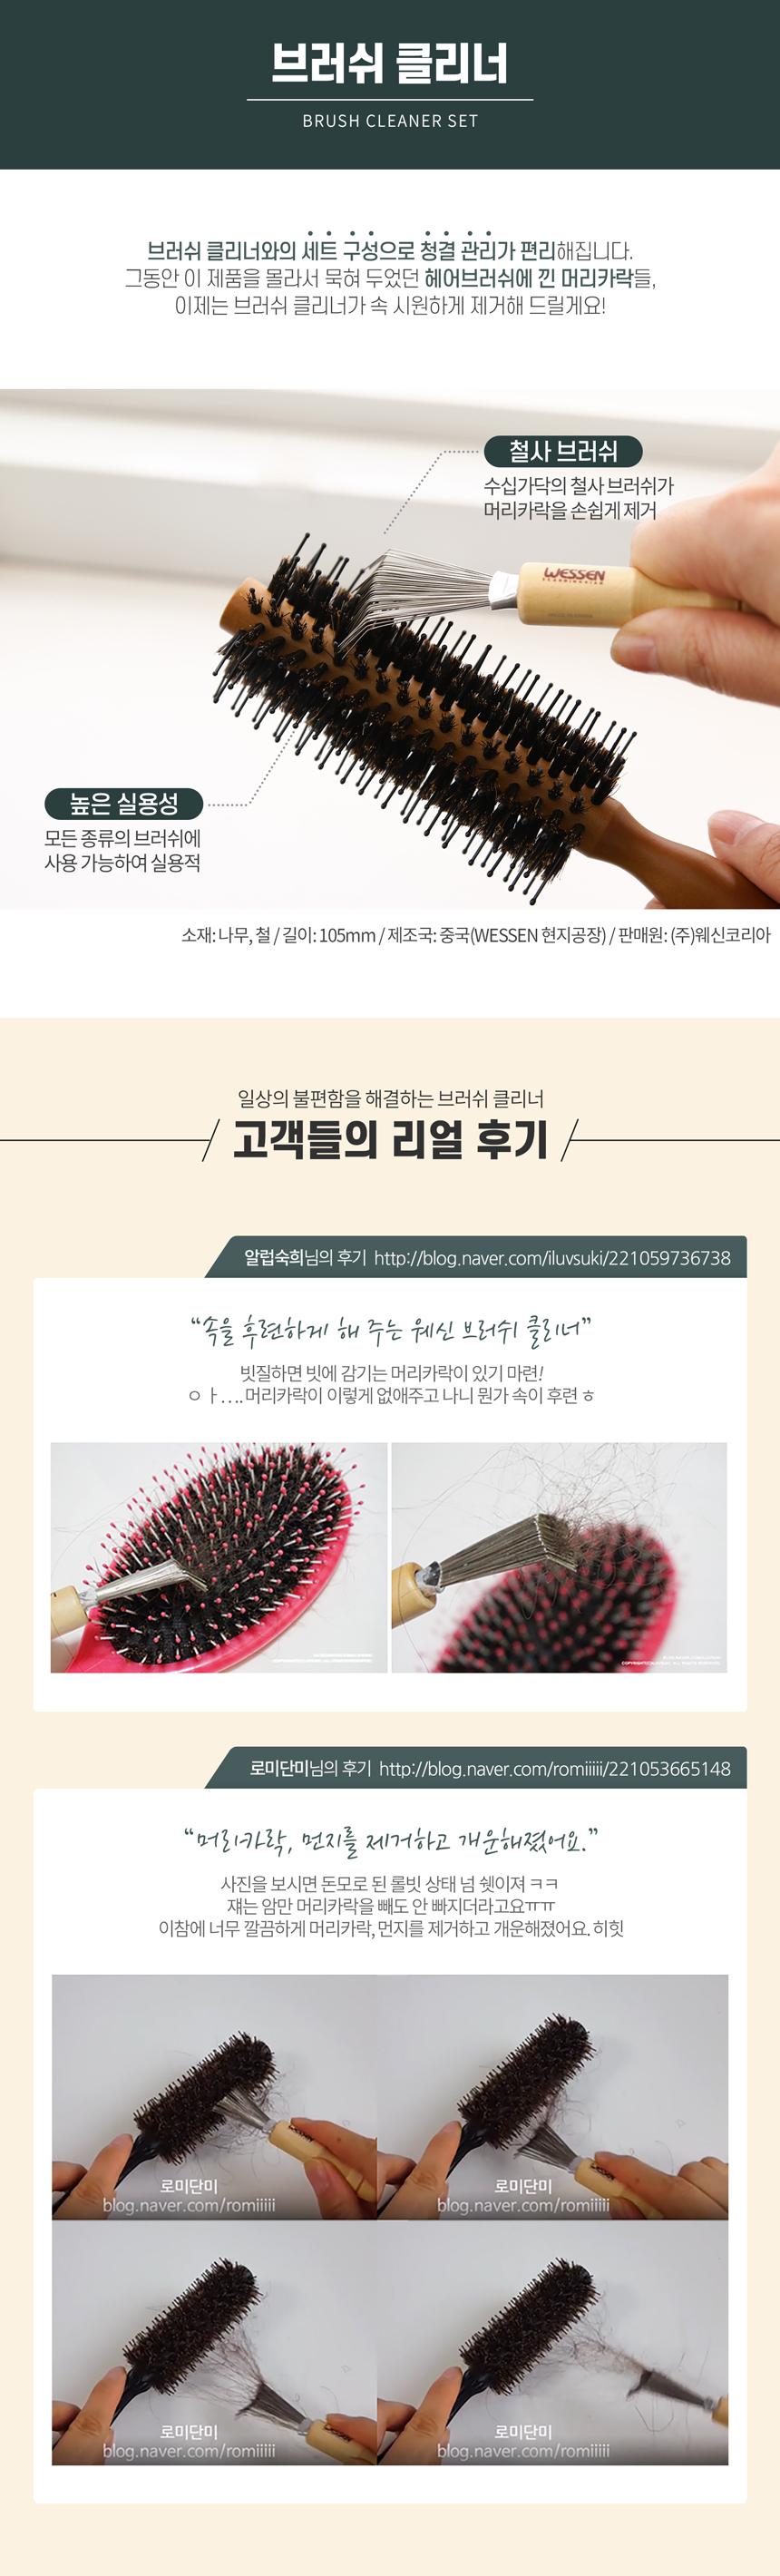 웨신 세라믹 롤브러쉬(대) 클리너세트 - 웨신, 22,000원, 헤어케어, 헤어미용소품